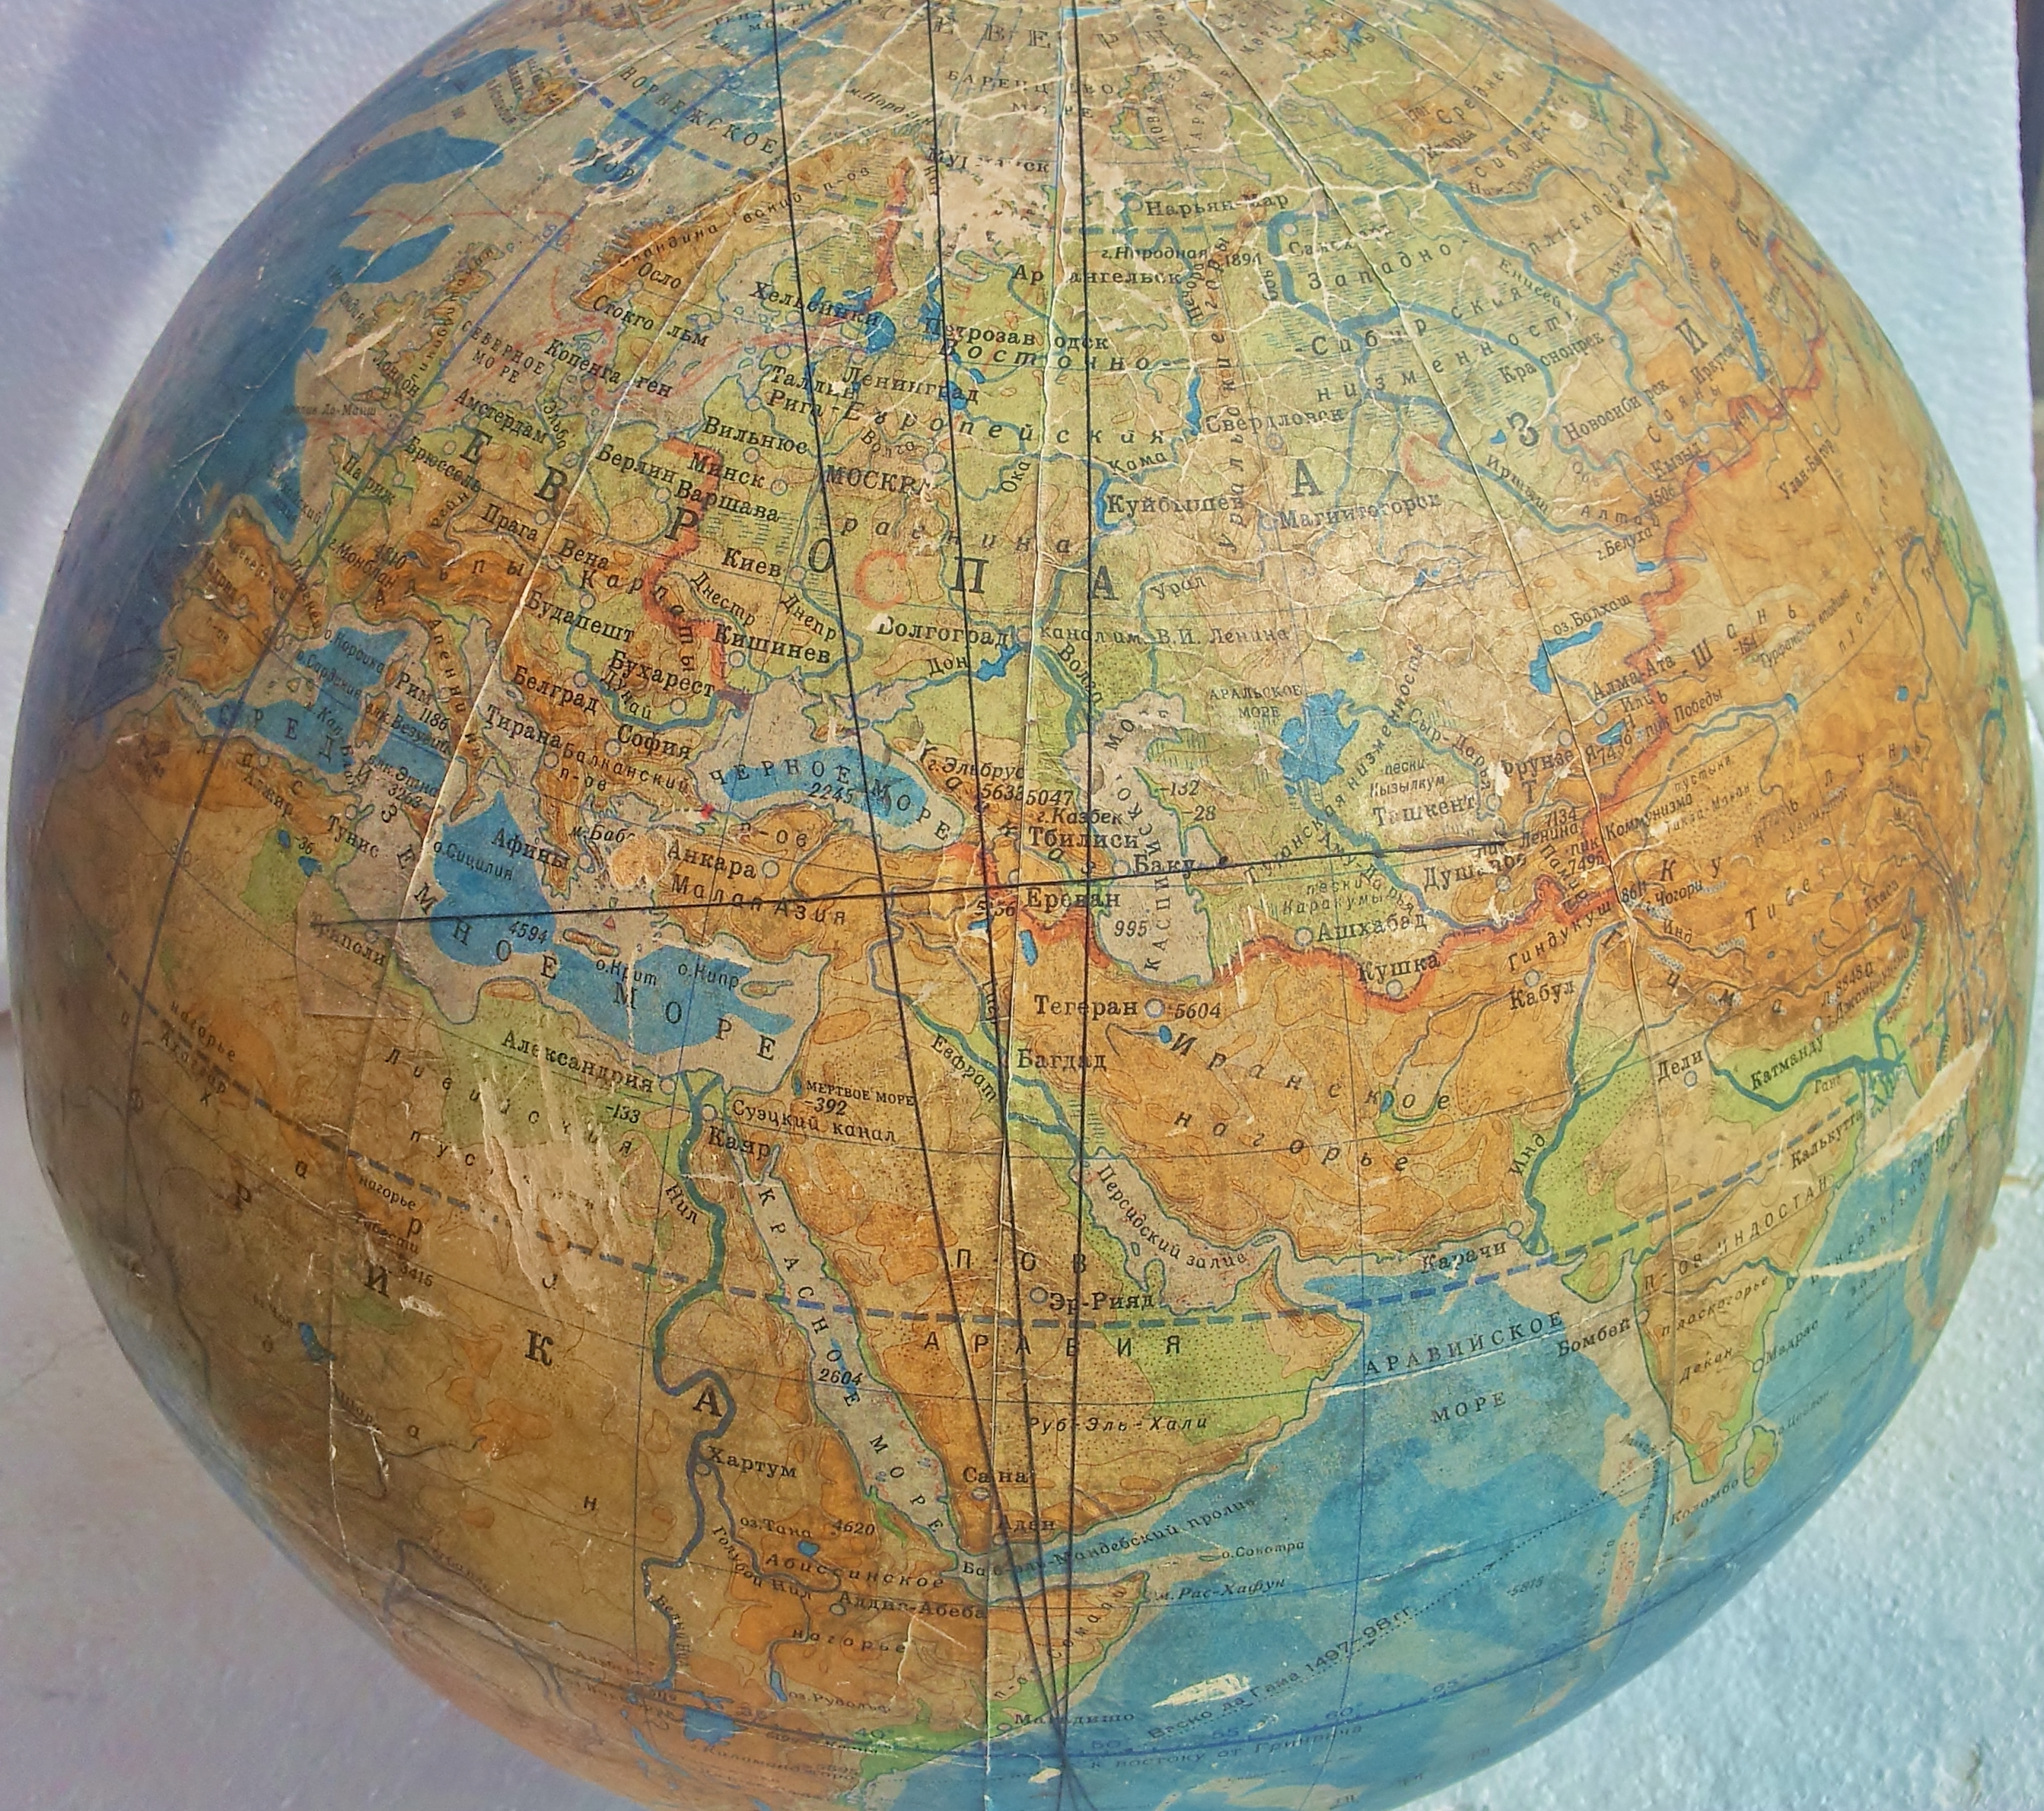 Где на карте полушарий находится гора памир на карте